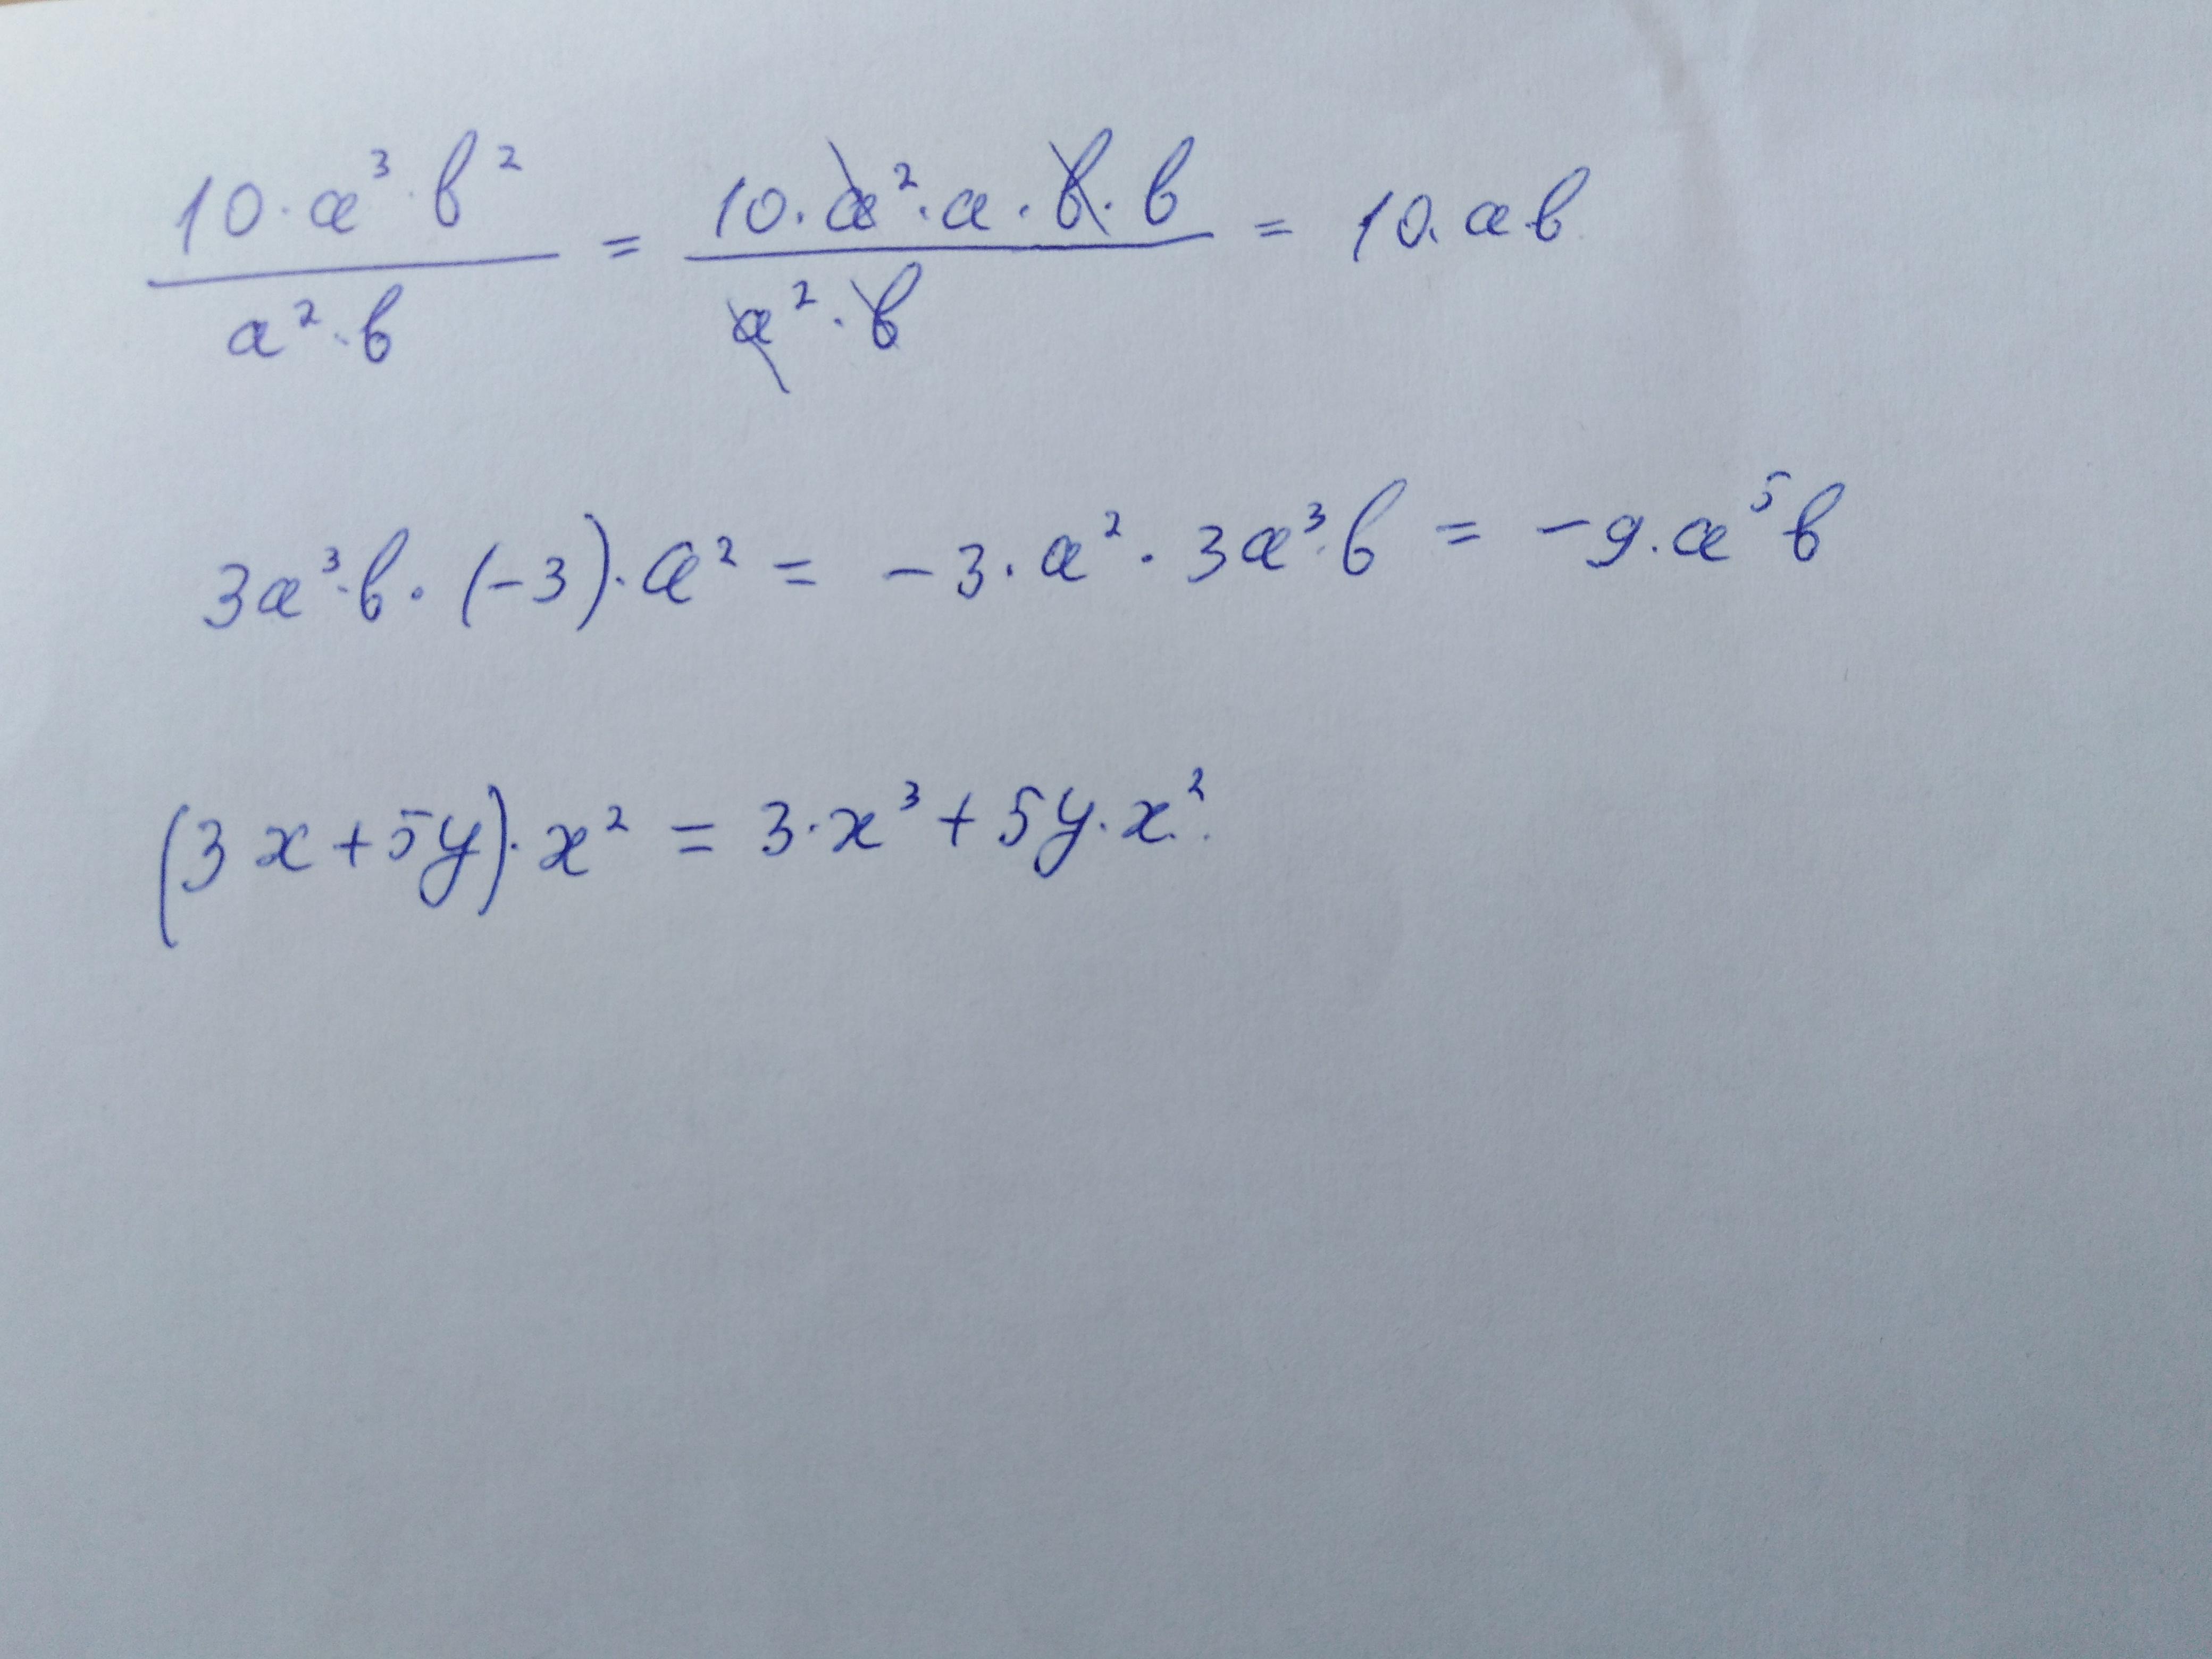 Помогите пожалуйста срочно решить примеры С